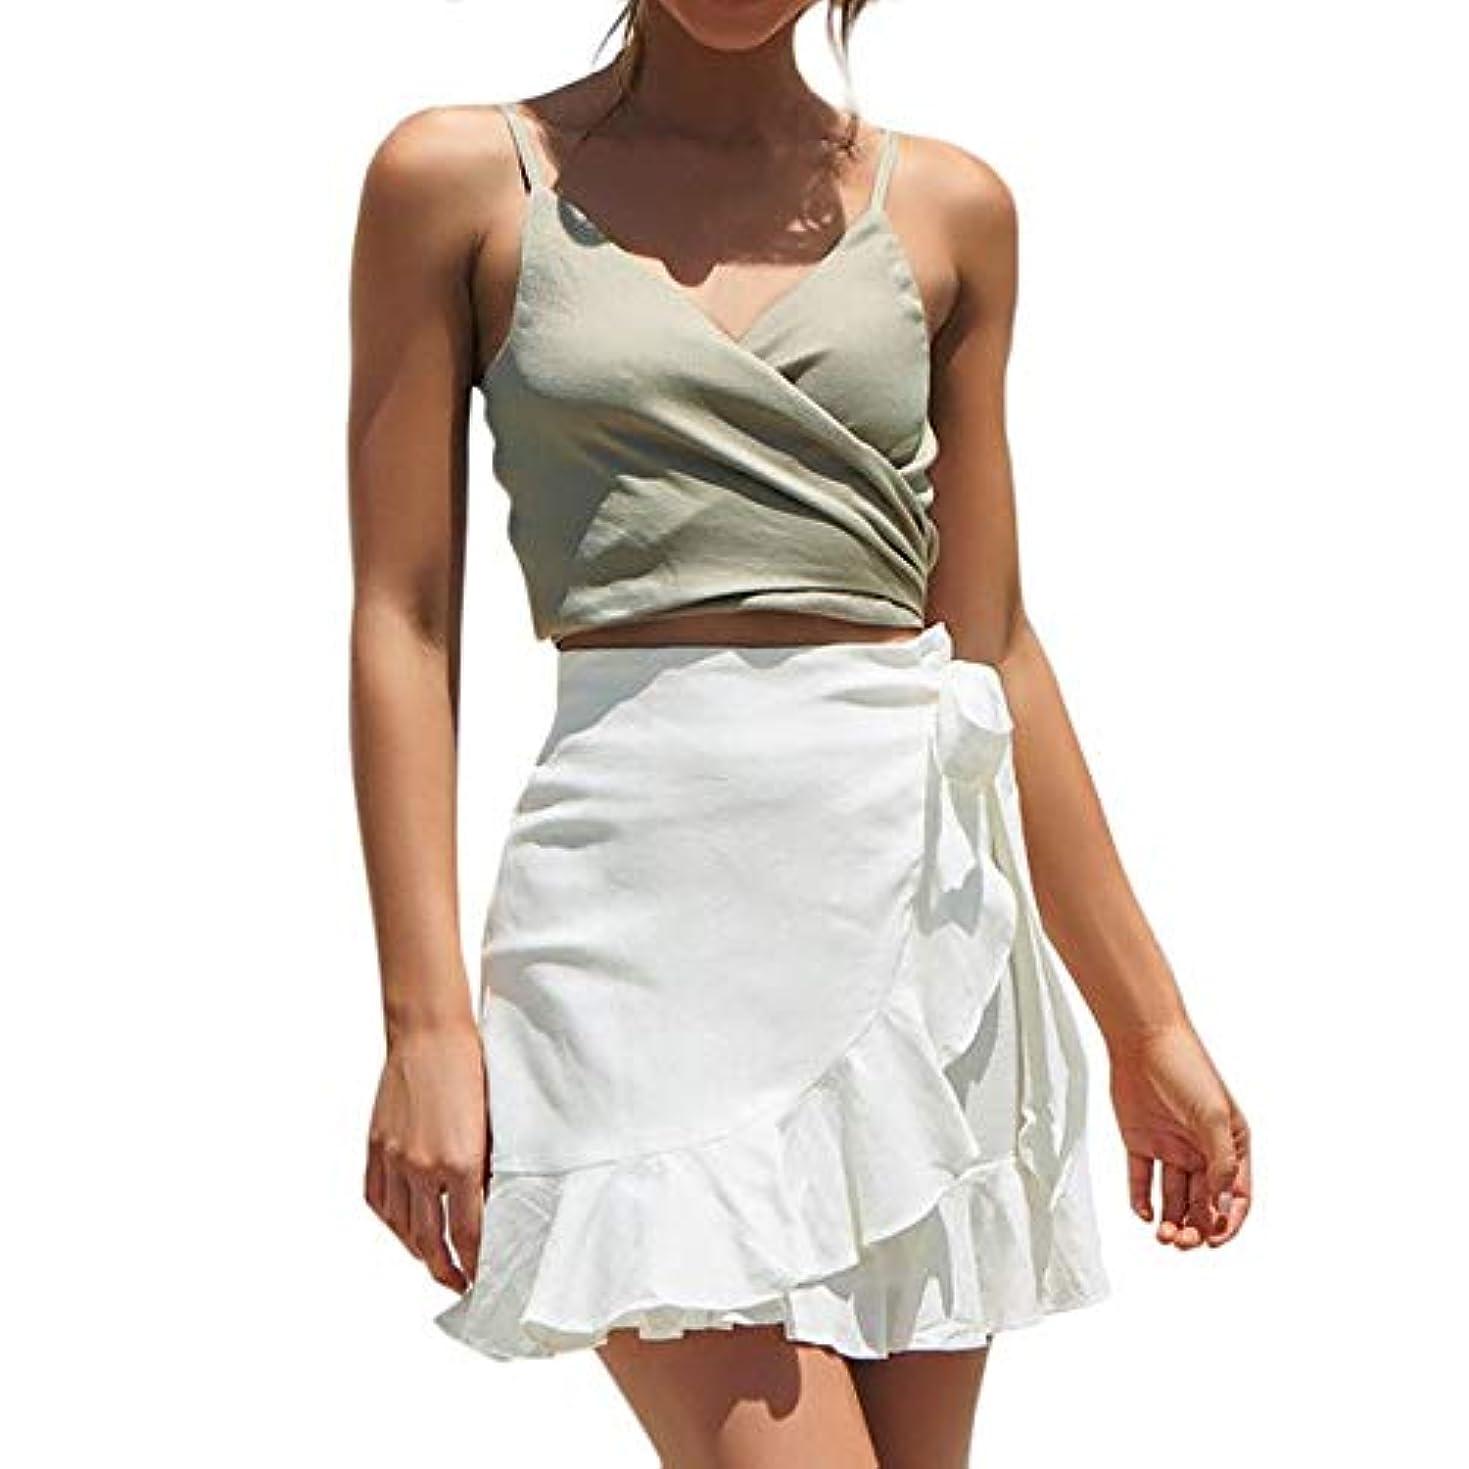 め言葉過去破壊するYMKCBB 短いスカート ミニスカートファッション女性ソリッドフリル包帯レースアップショートスカートAラインプリーツシフォンラップスカートMホワイト